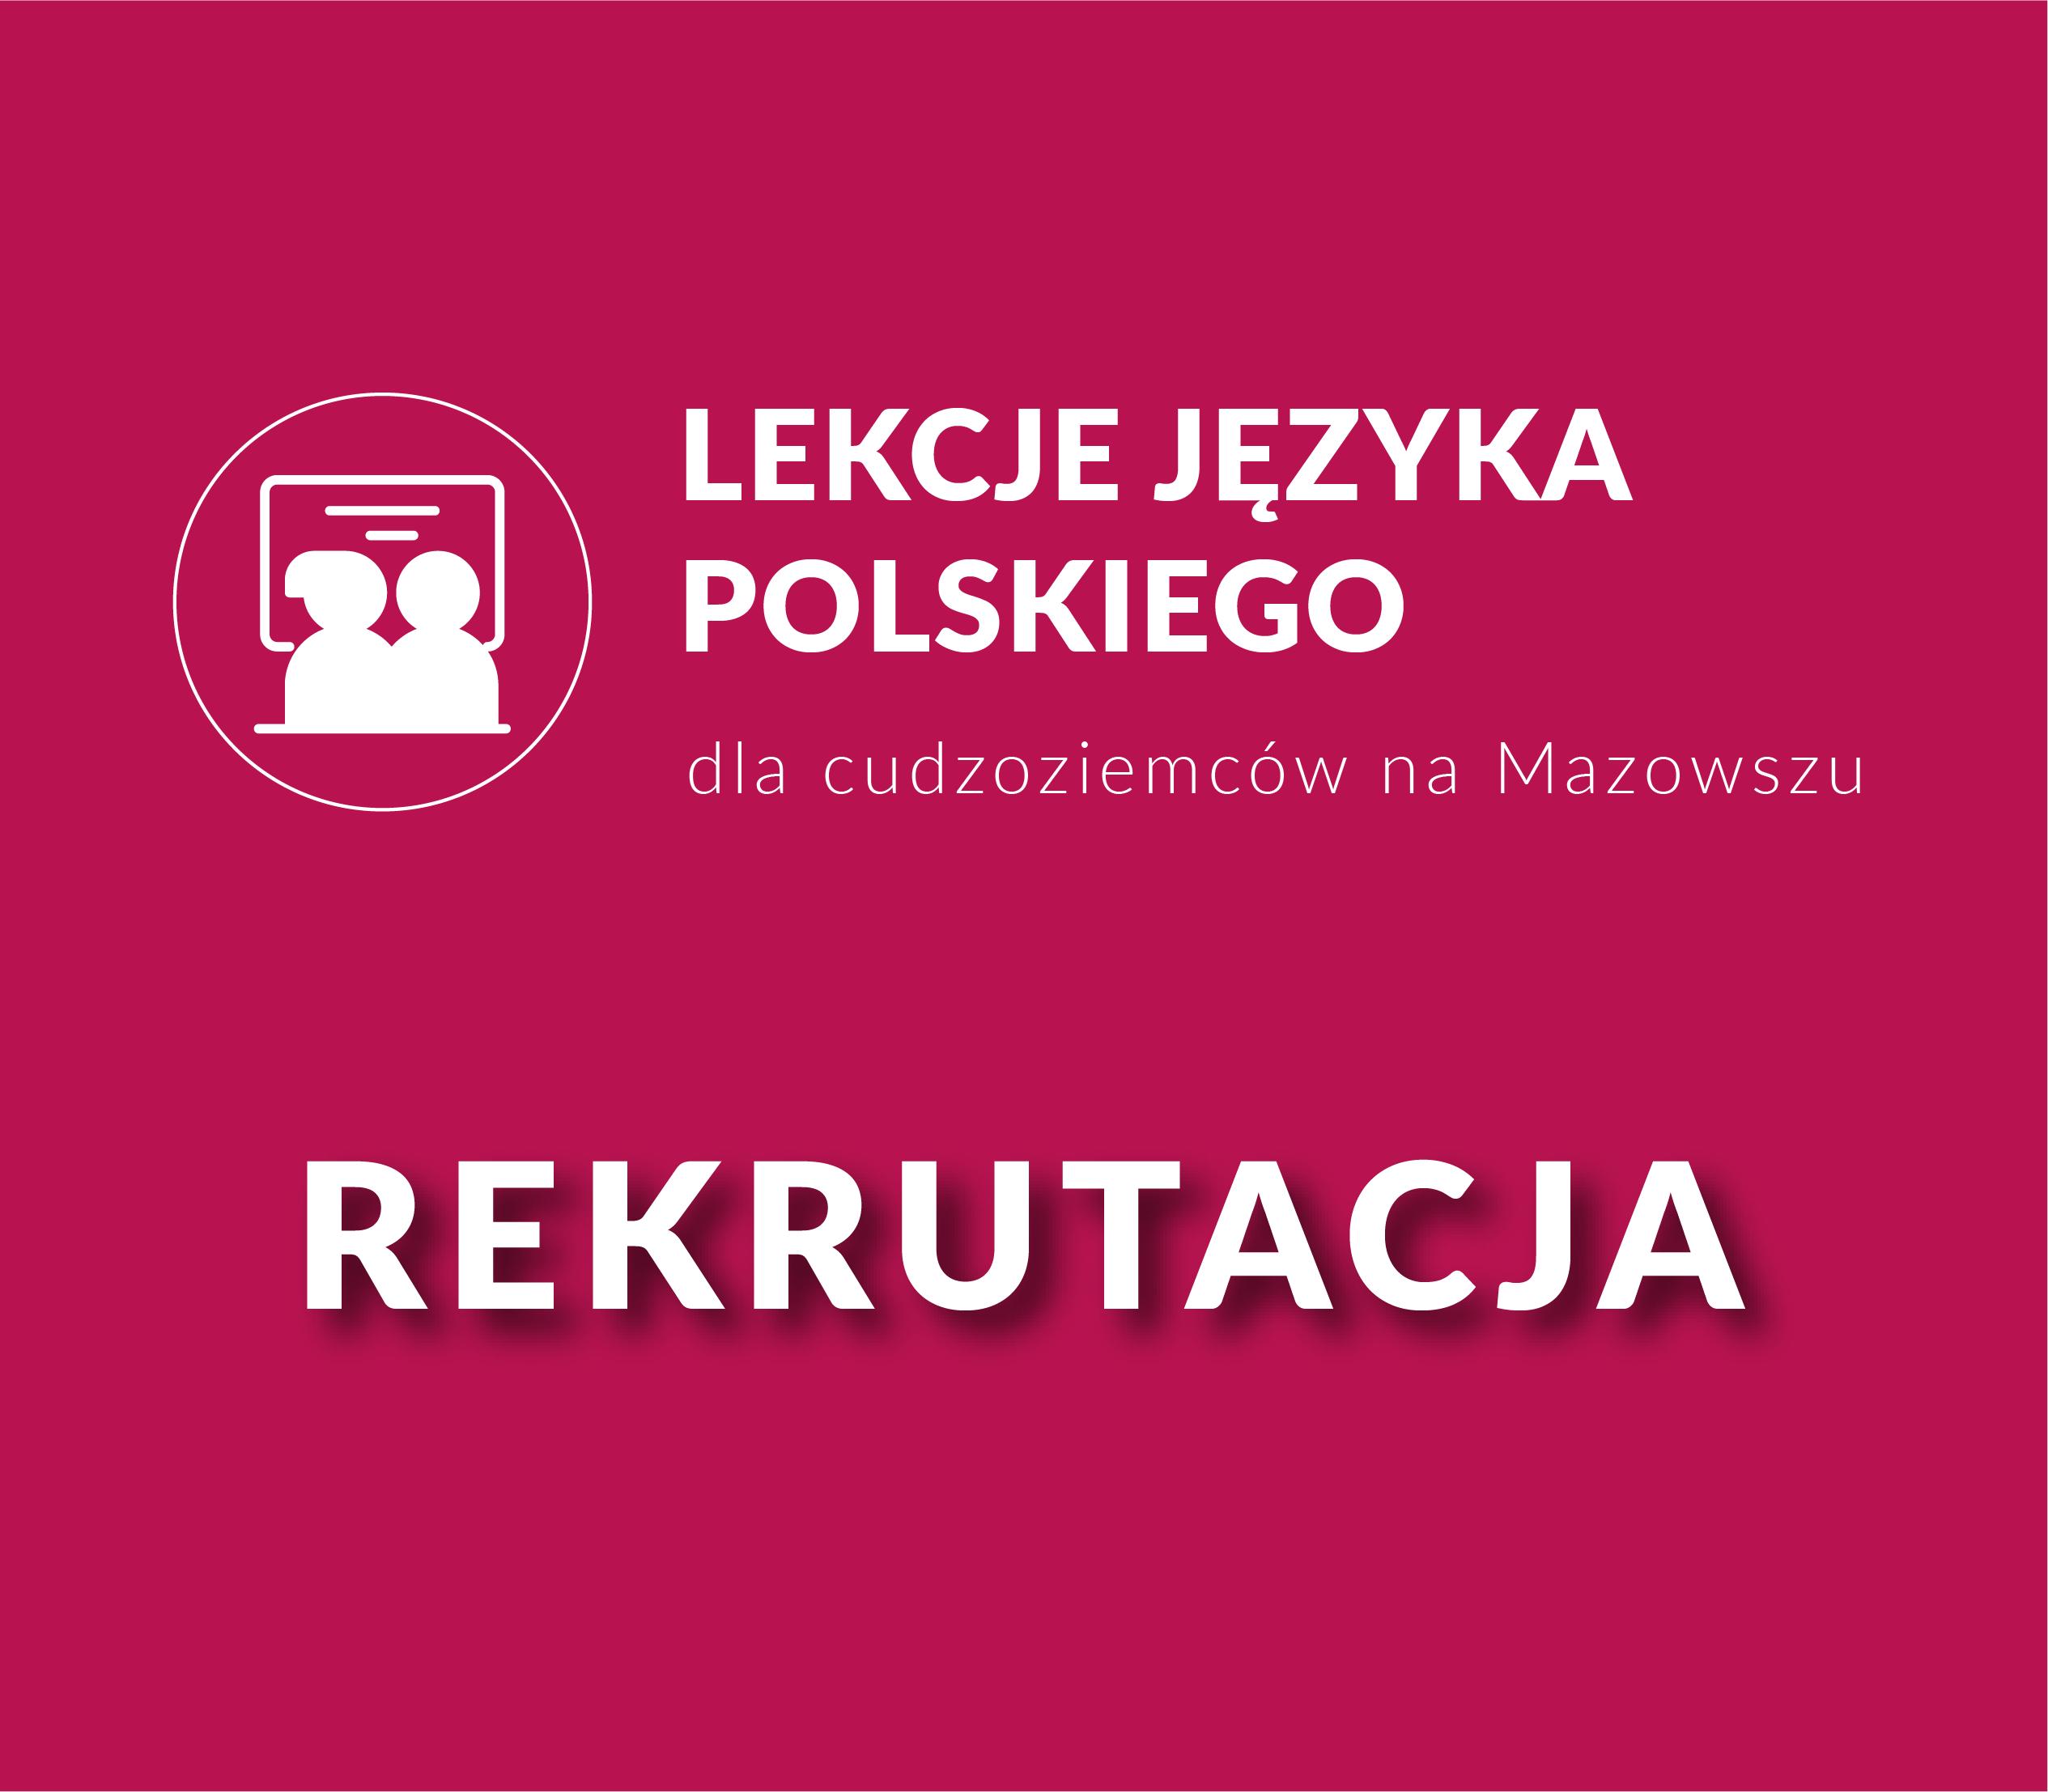 Kolejna rekrutacja na kursy języka polskiego!